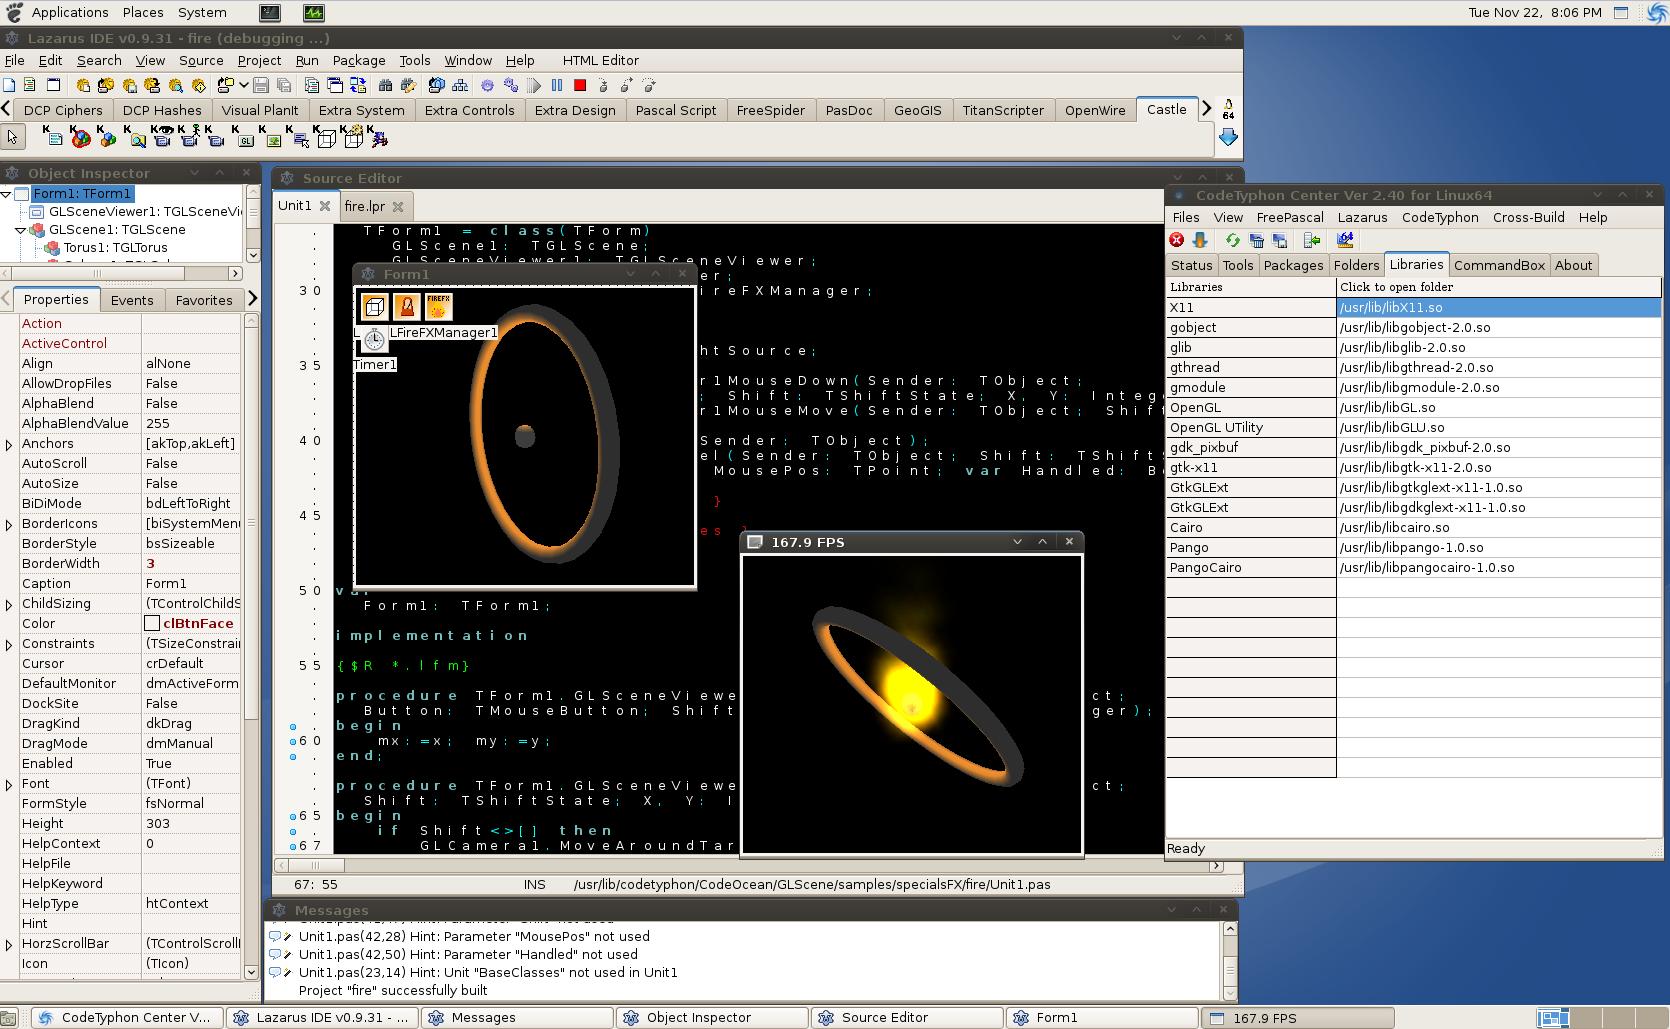 50+ グレア Arch Linux Mate Desktop - がじゃなたろう